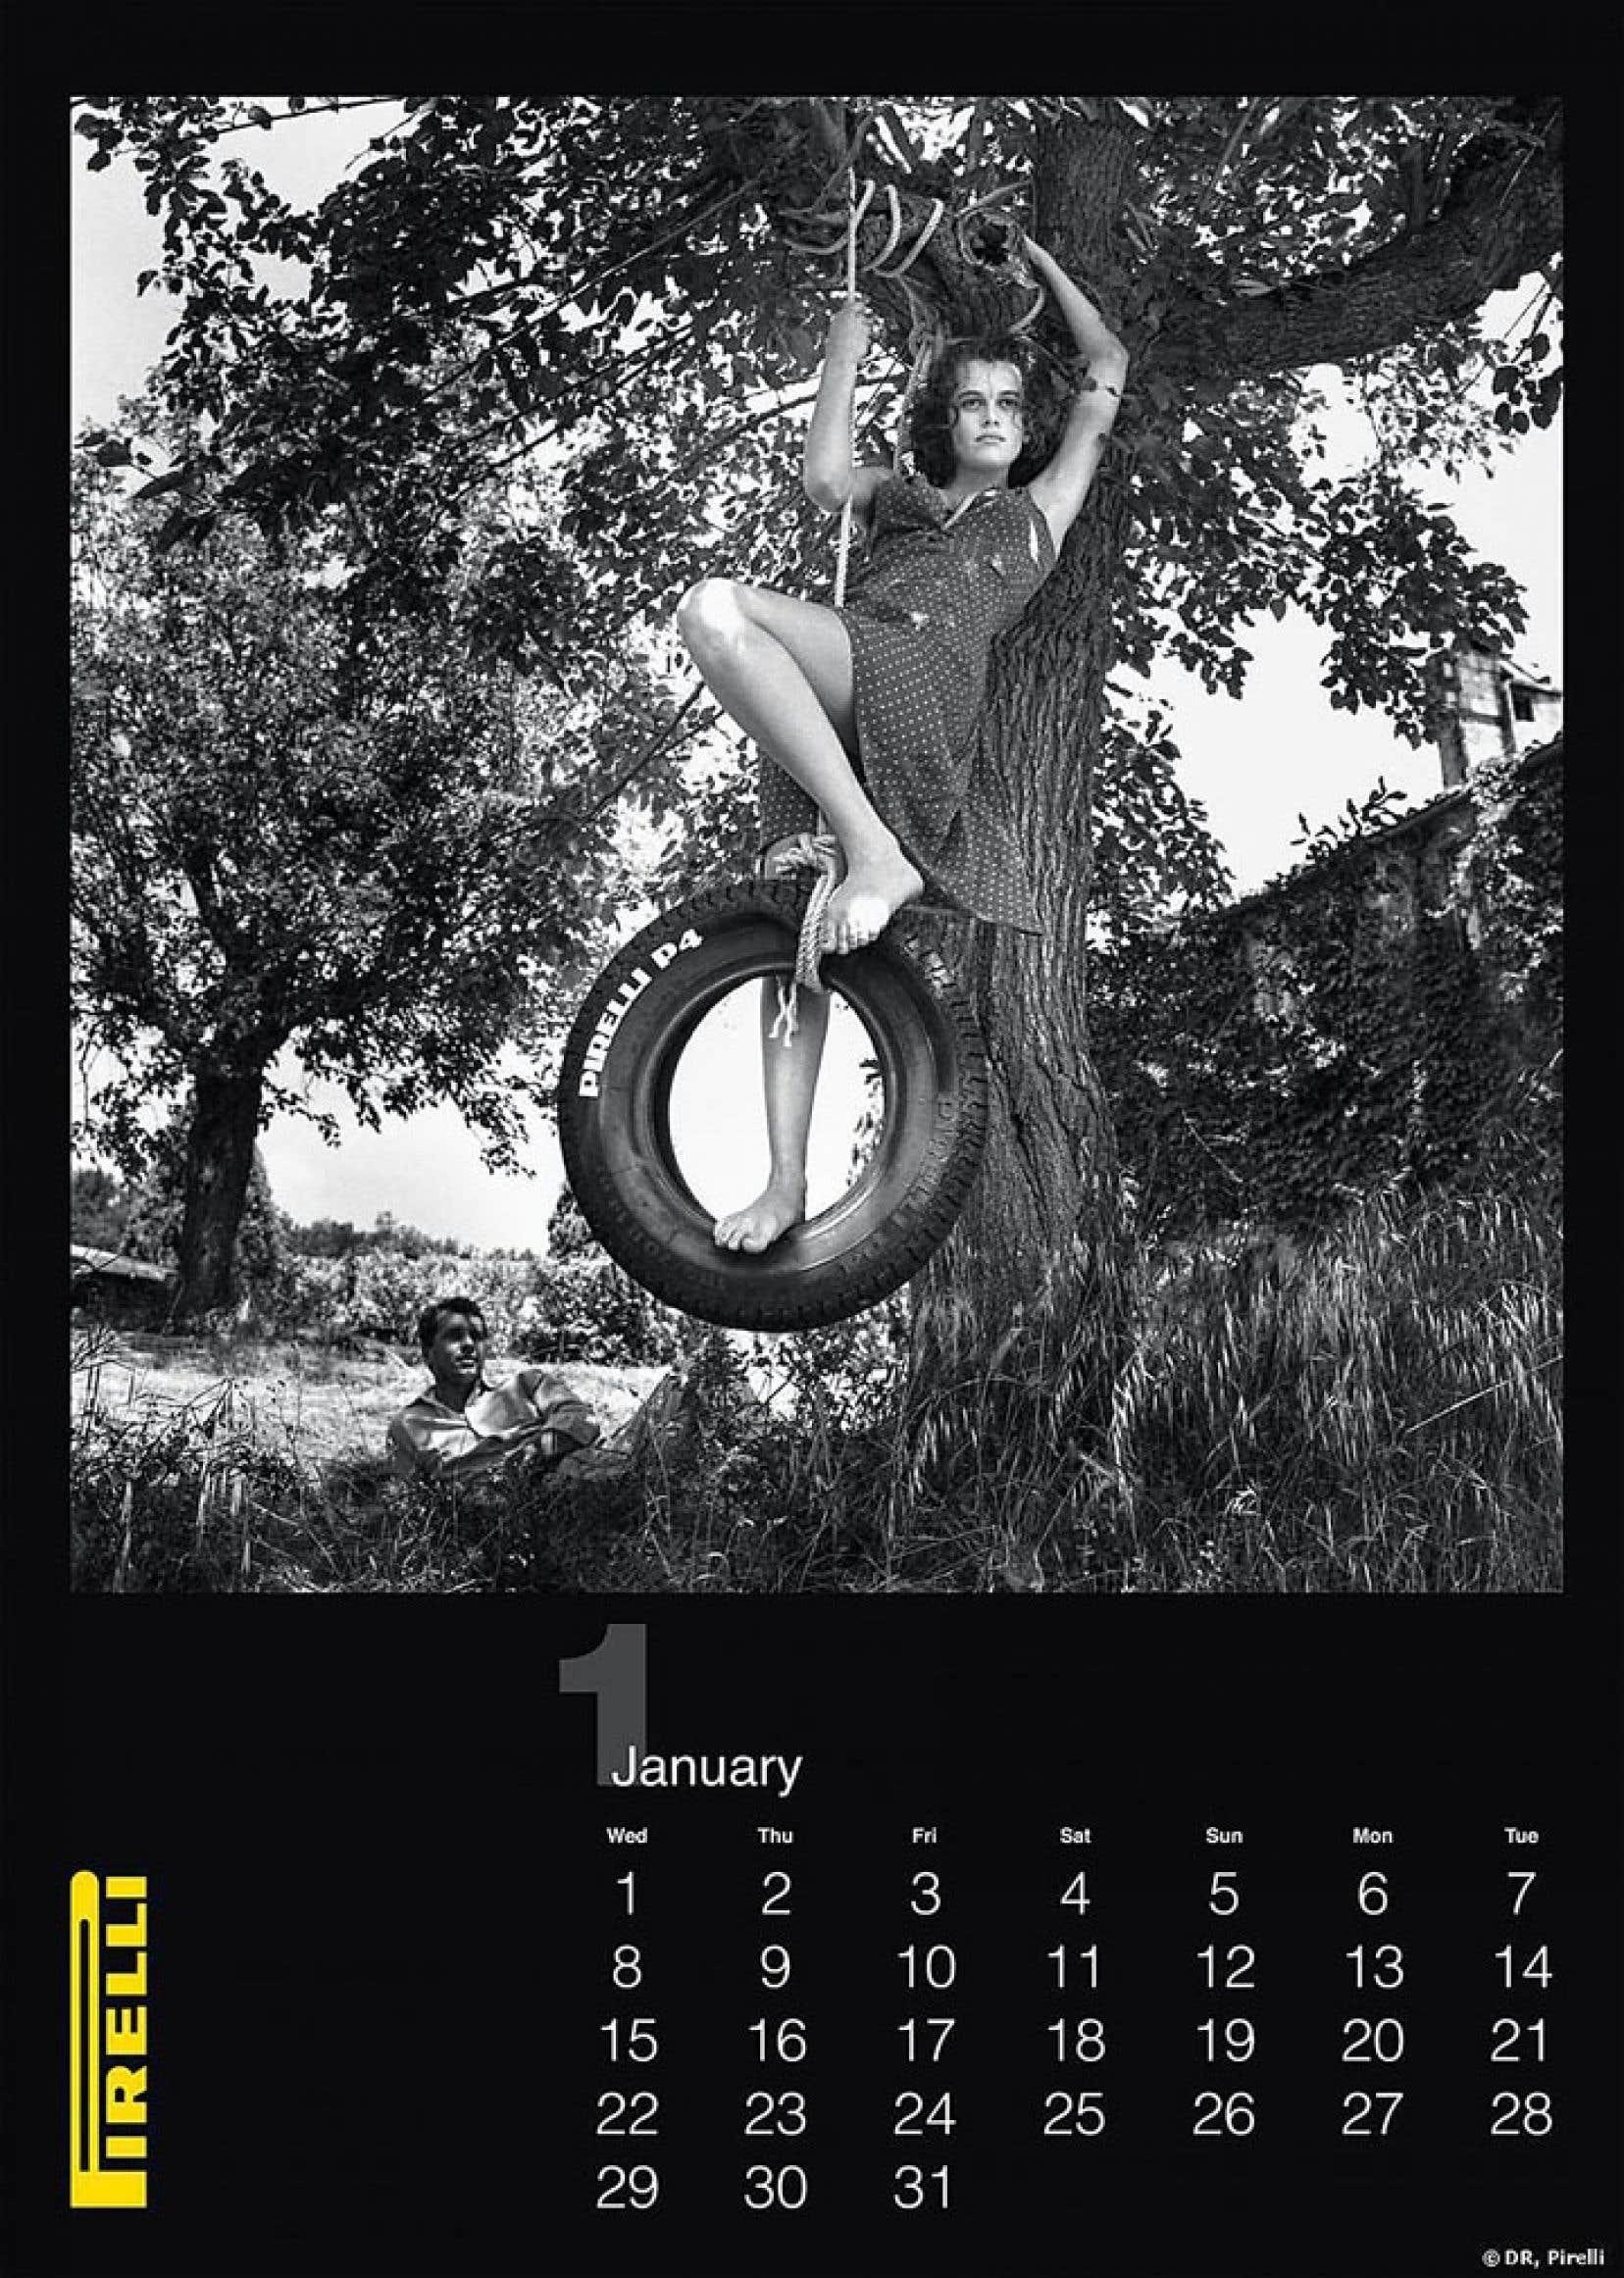 Pour le cinquantième anniversaire de son calendrier, Pirelli propose des clichés de l'édition de 1986 du photographe Helmut Newton qui n'ont jamais été publiés.